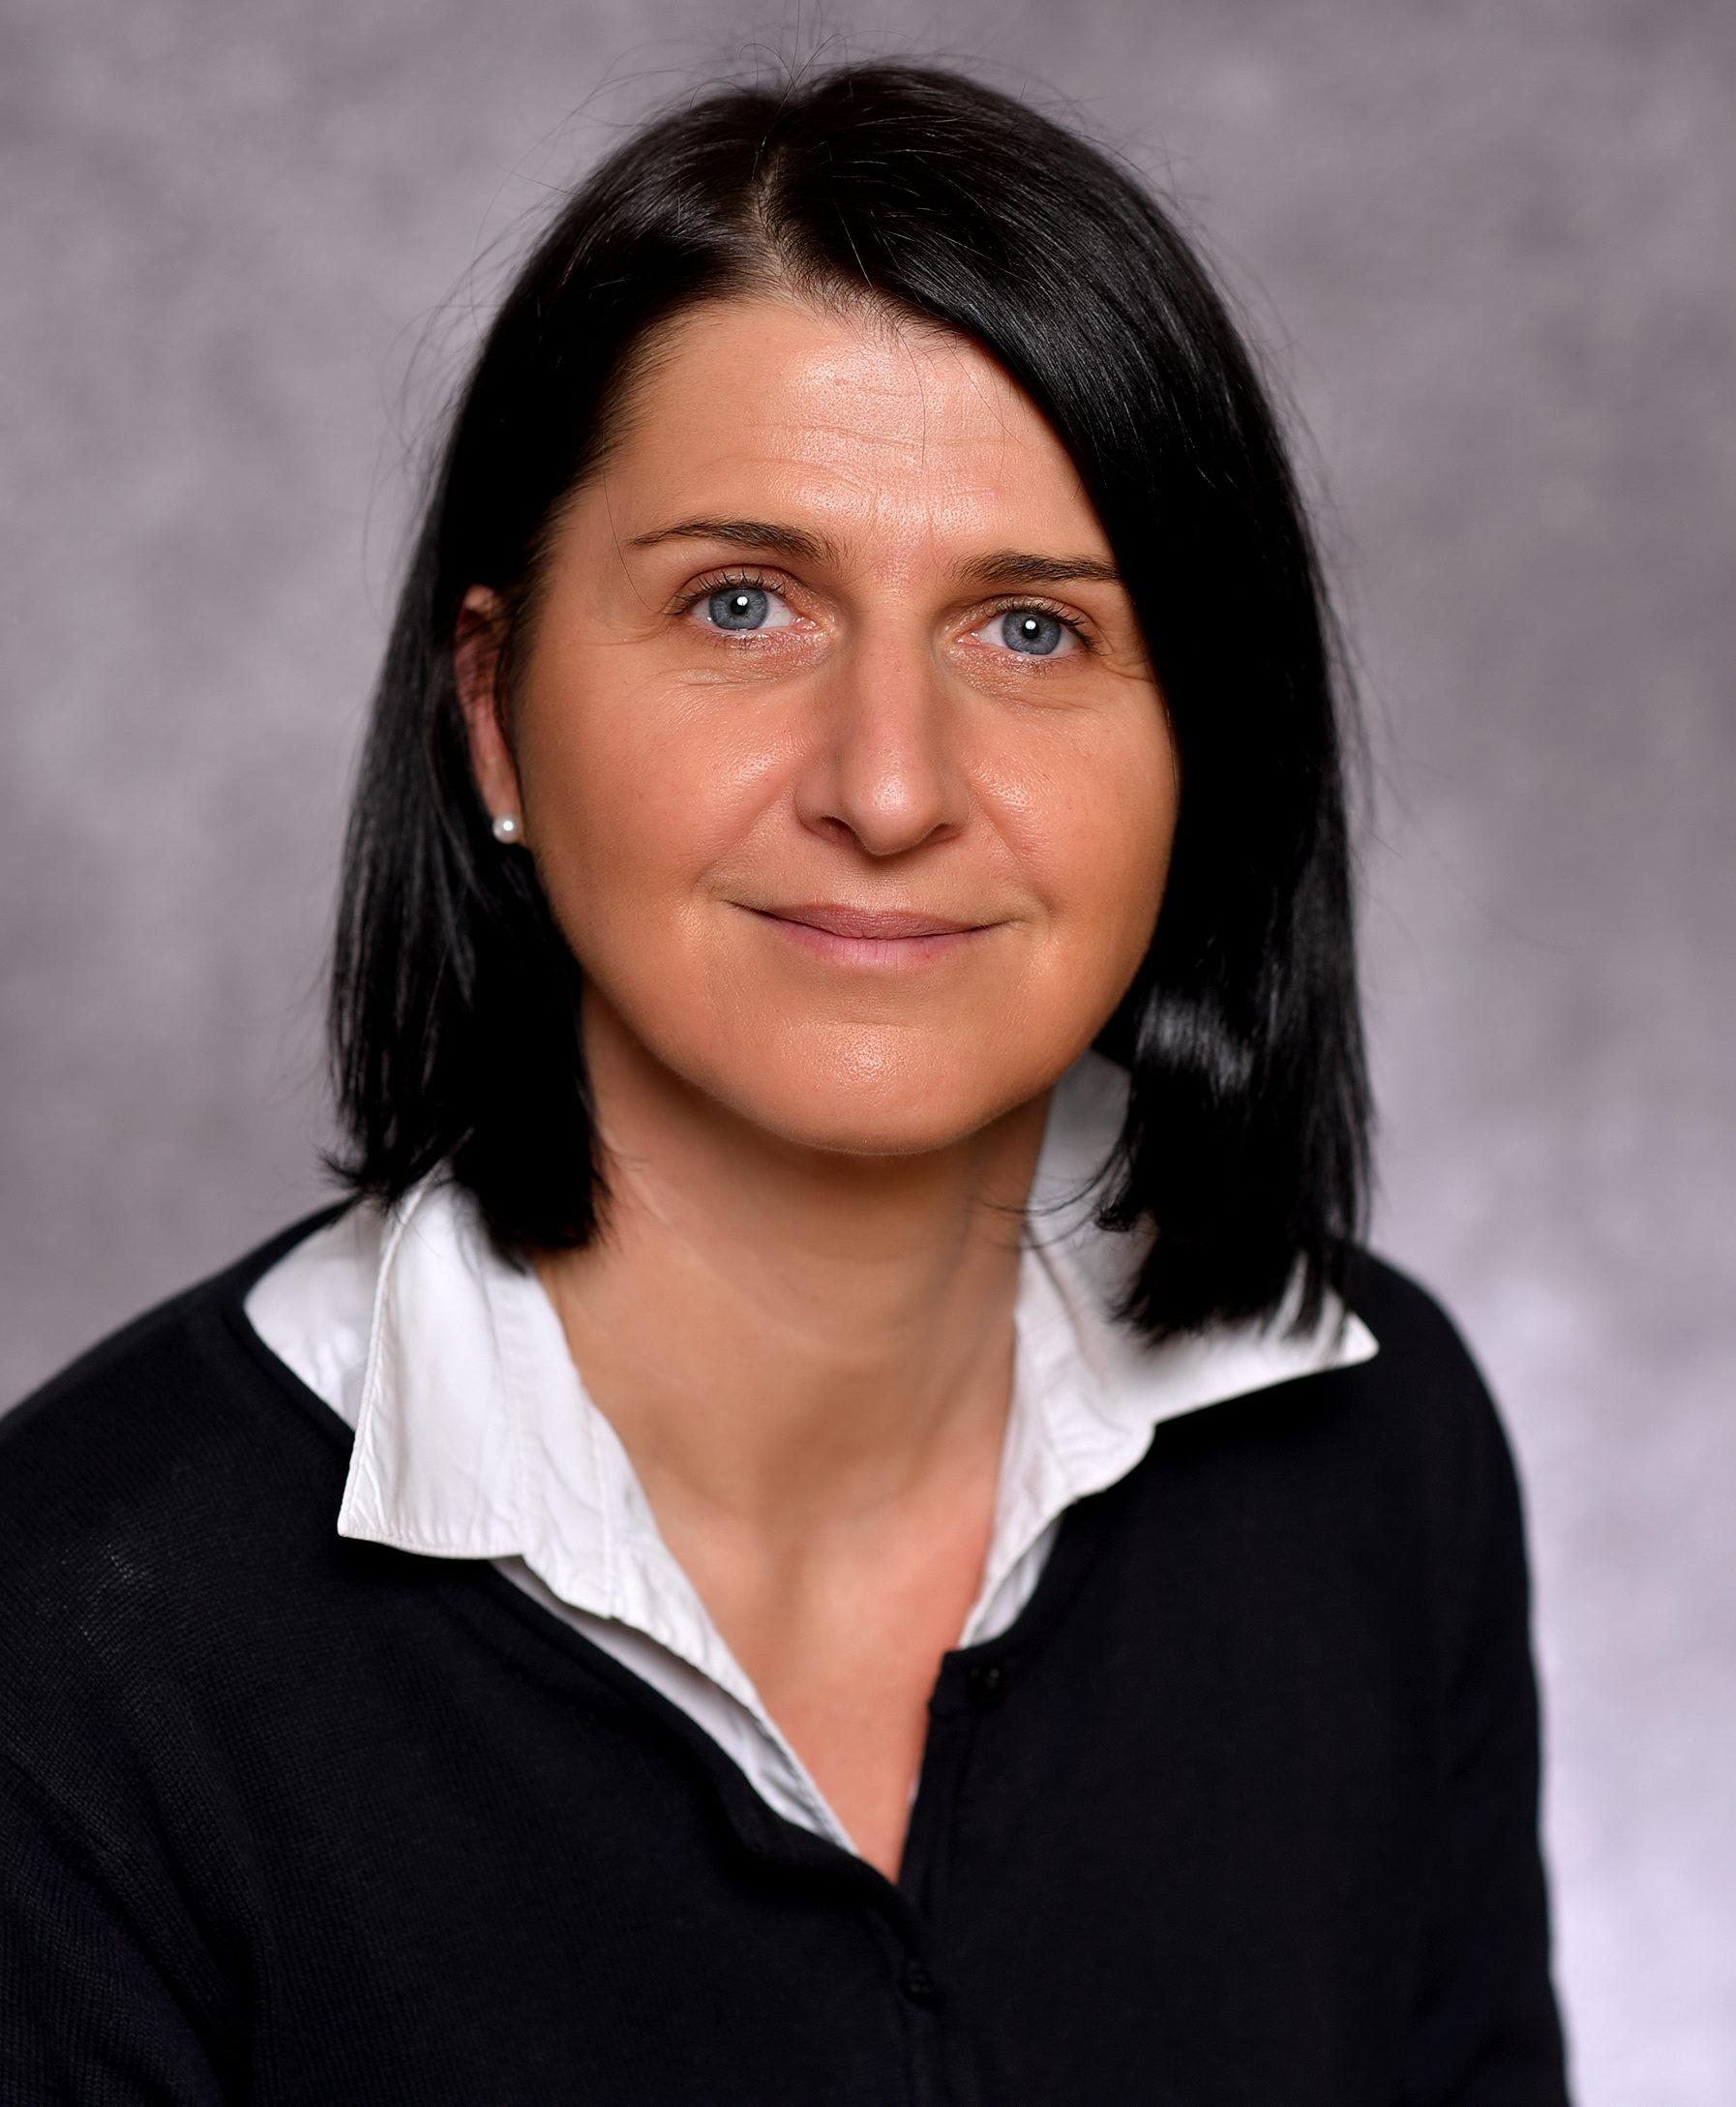 Pamela Klimitsch